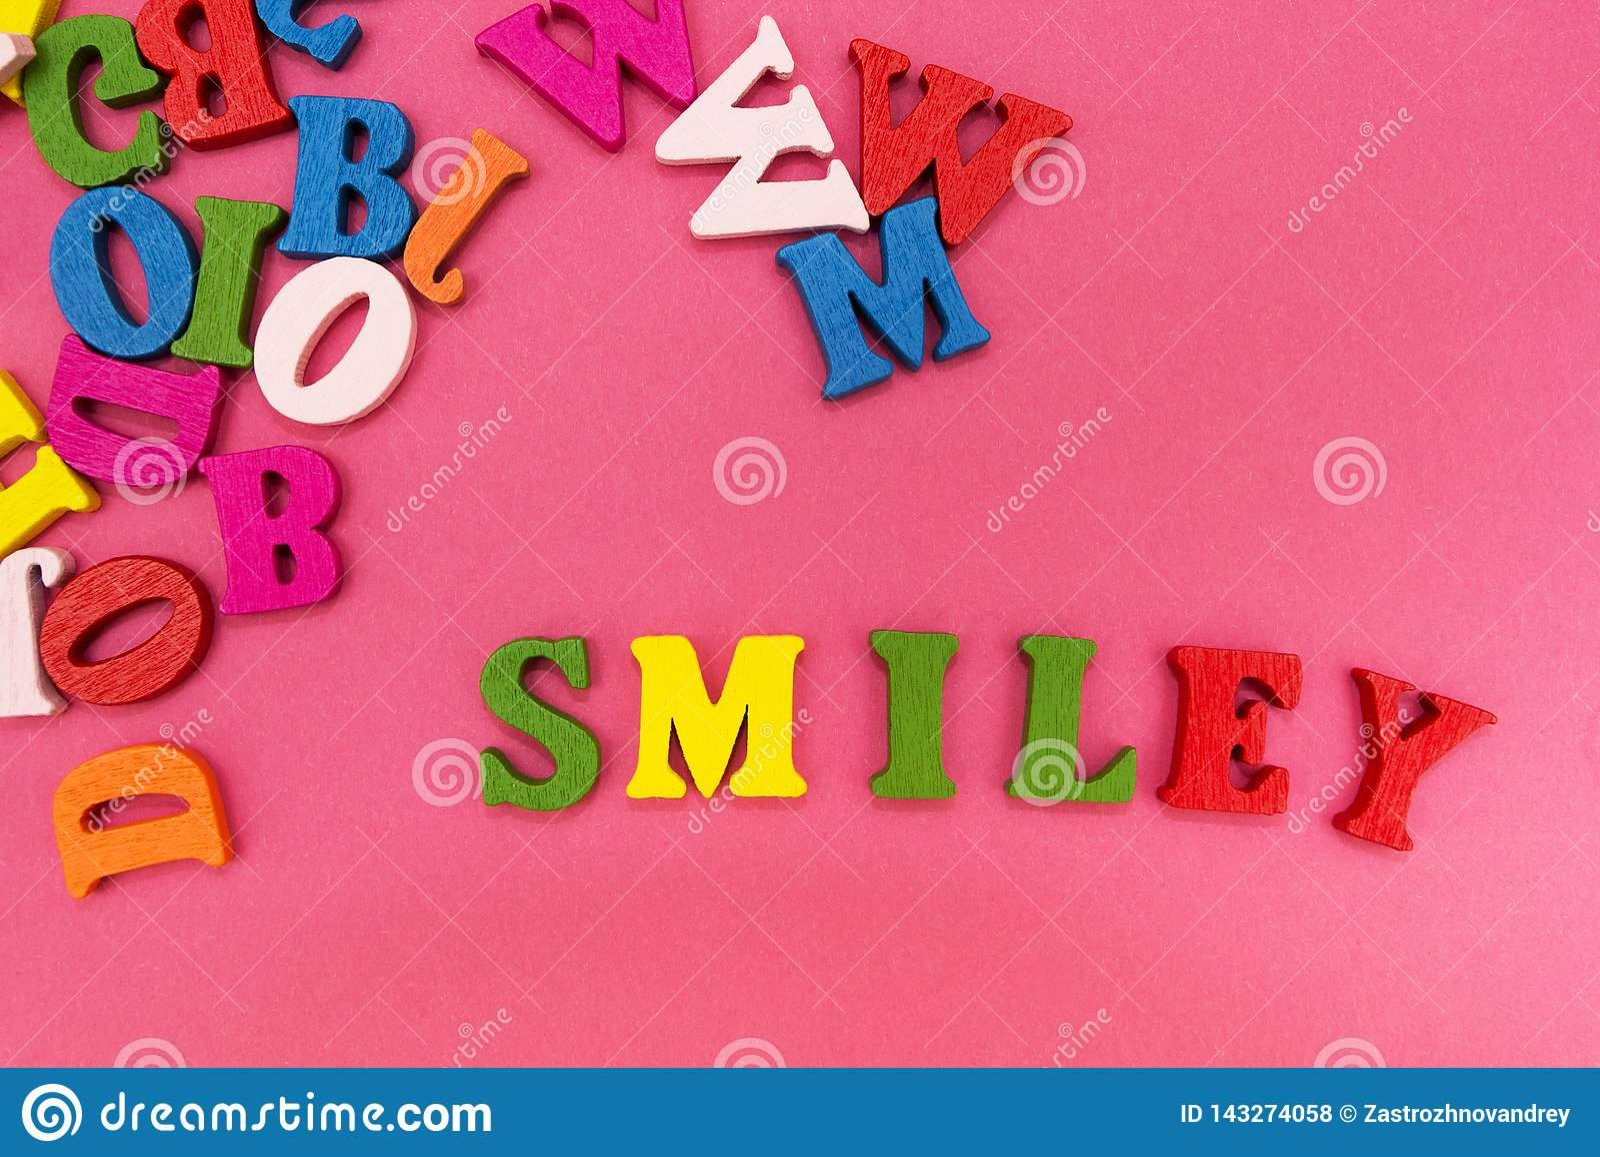 Letras multicoloras dispersadas en un fondo rosado, la palabra